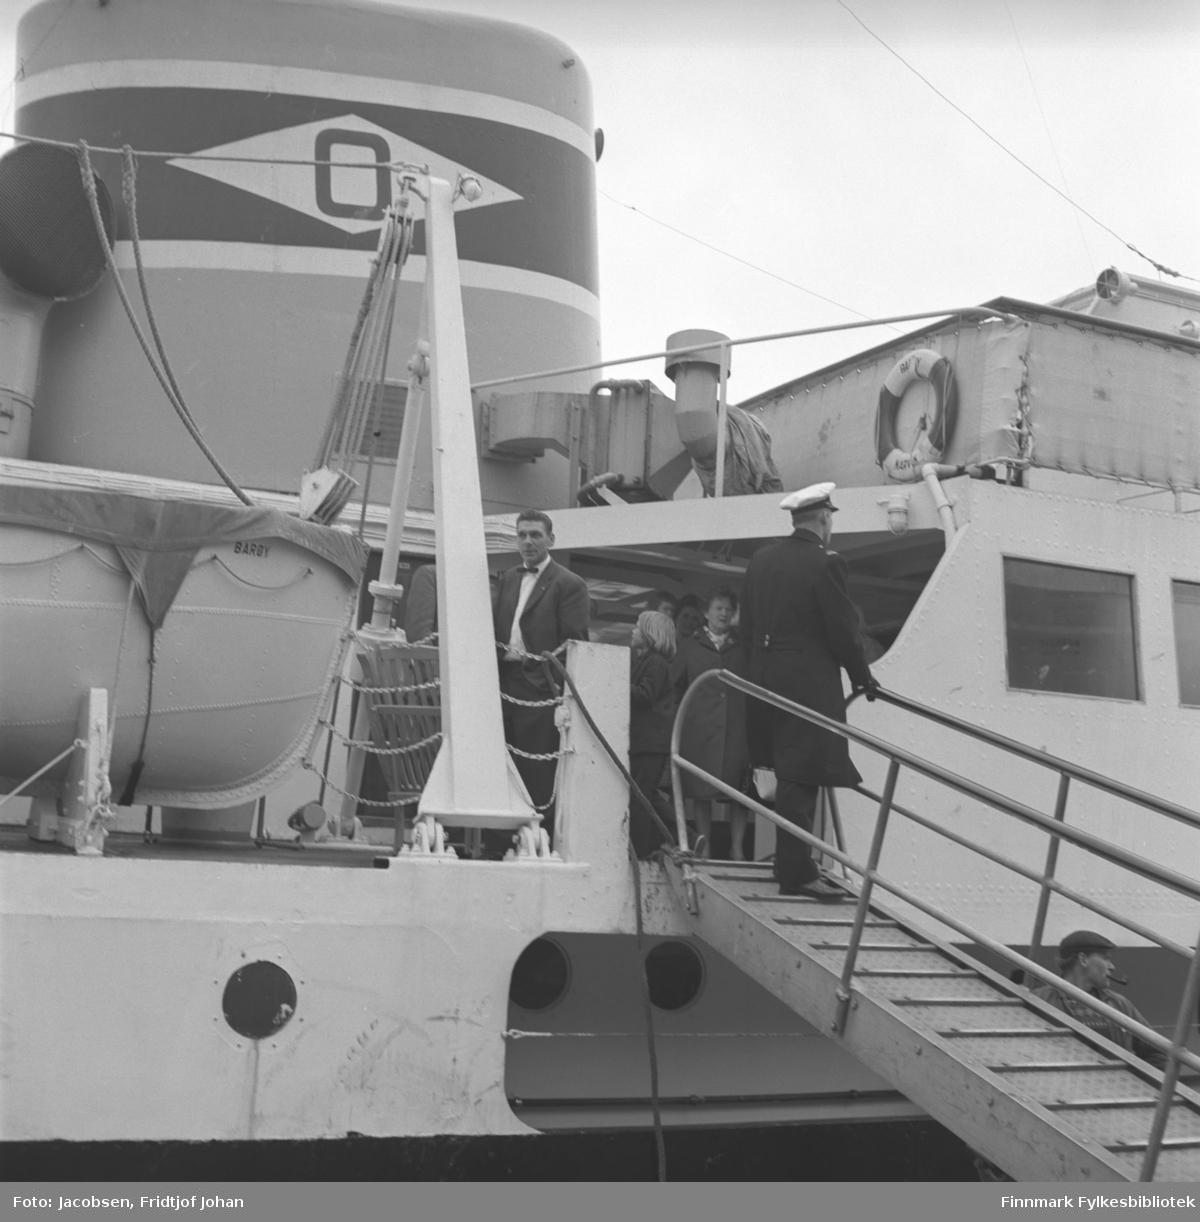 """Dette er hurtigruteskipet M/S Barøy, det står Barøy på livbåtsiden. Øverst på landgangen står en av offiserene iført uniform. En mann iført dress, hvit skjorte og sløyfe står på dekket like innenfor landgangen. Litt lengre inn på dekket står flere mennesker. Skorsteinen står øverst til venstre på bildet og har en O, for Ofoten Dampskipsselskap, påmalt og en livbøye henger på rekka oppe til høyre. Det står i skipshistorien at MS Barøy ble solgt til Fredrikstad i 1964. Dette må være """"avskjedsturen"""" fra hurtigruten."""